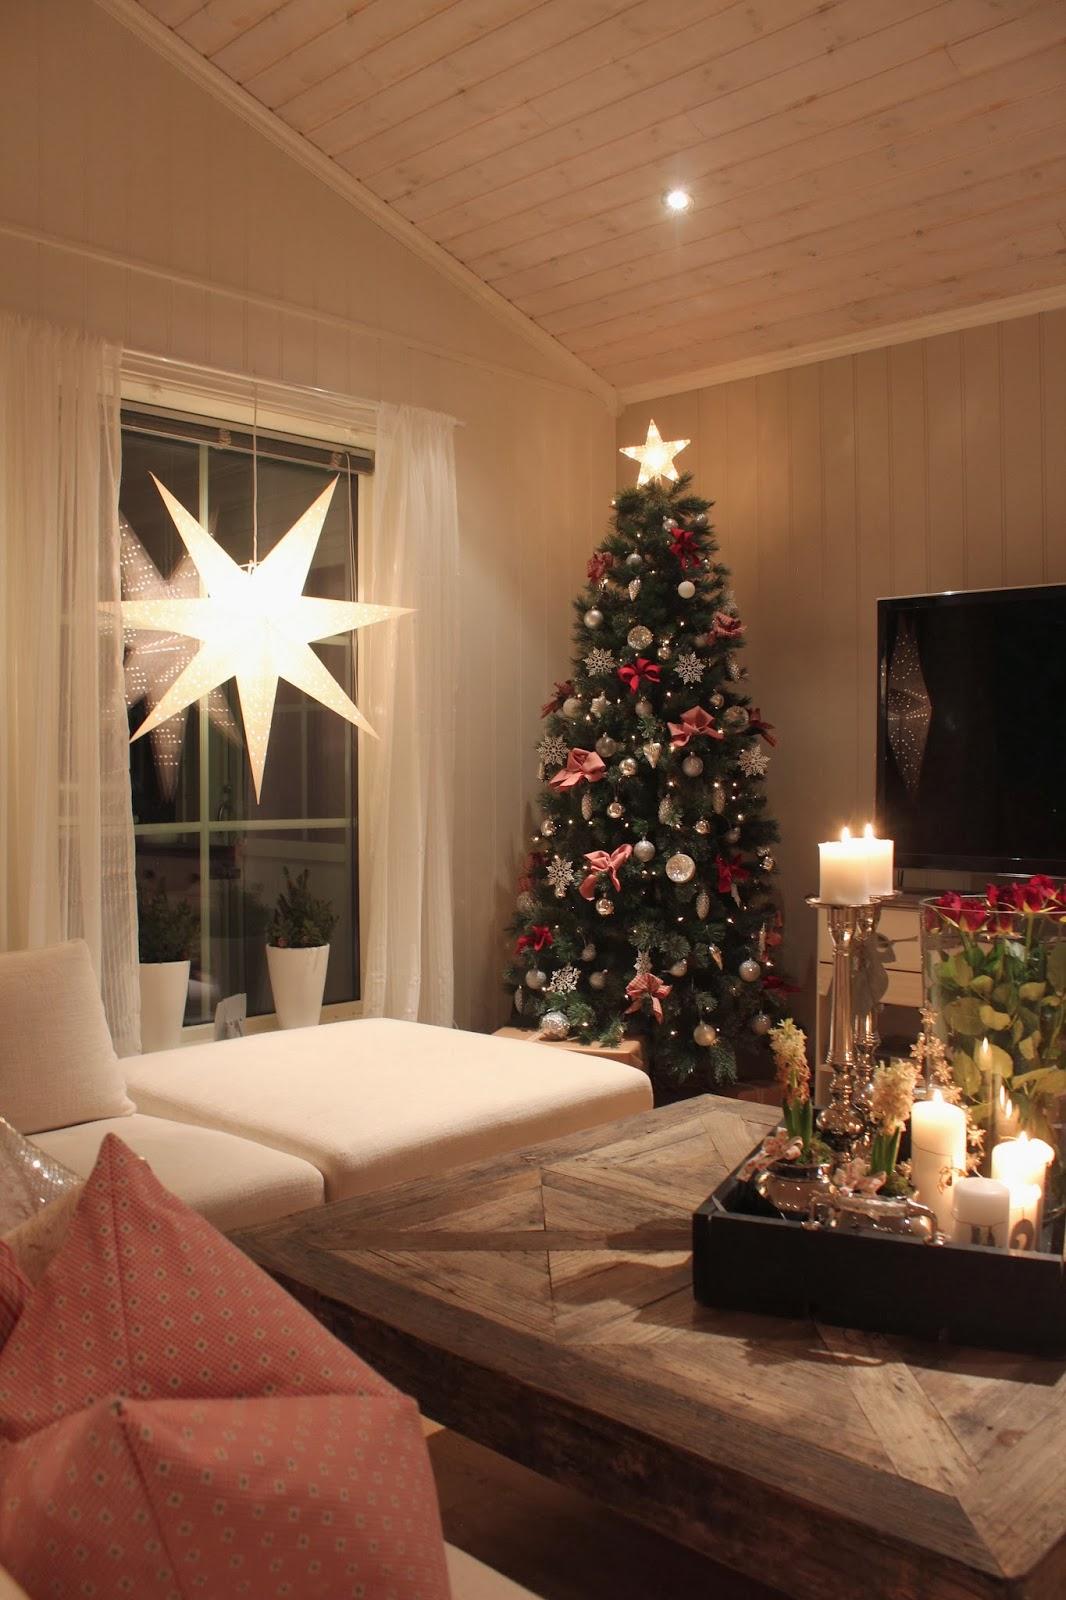 Lindevegen: Da var juletreet kommet opp:)